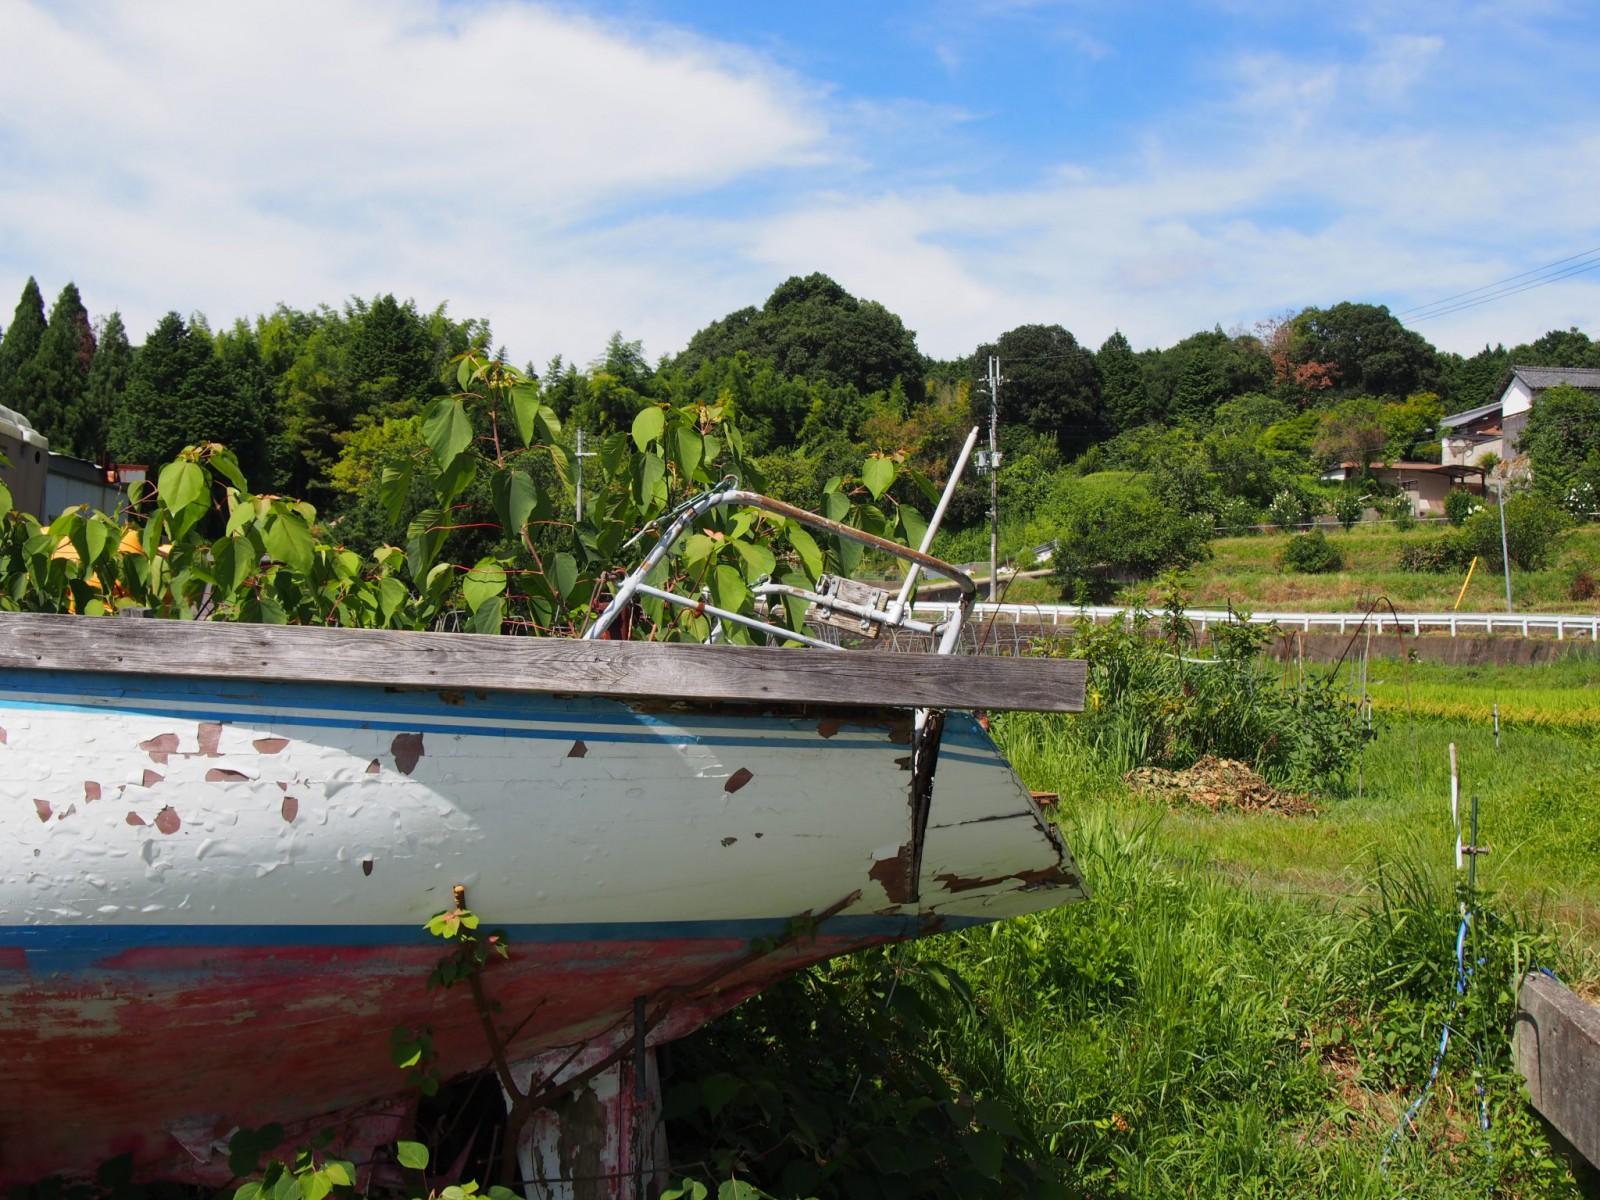 大柳生の里にある「船」